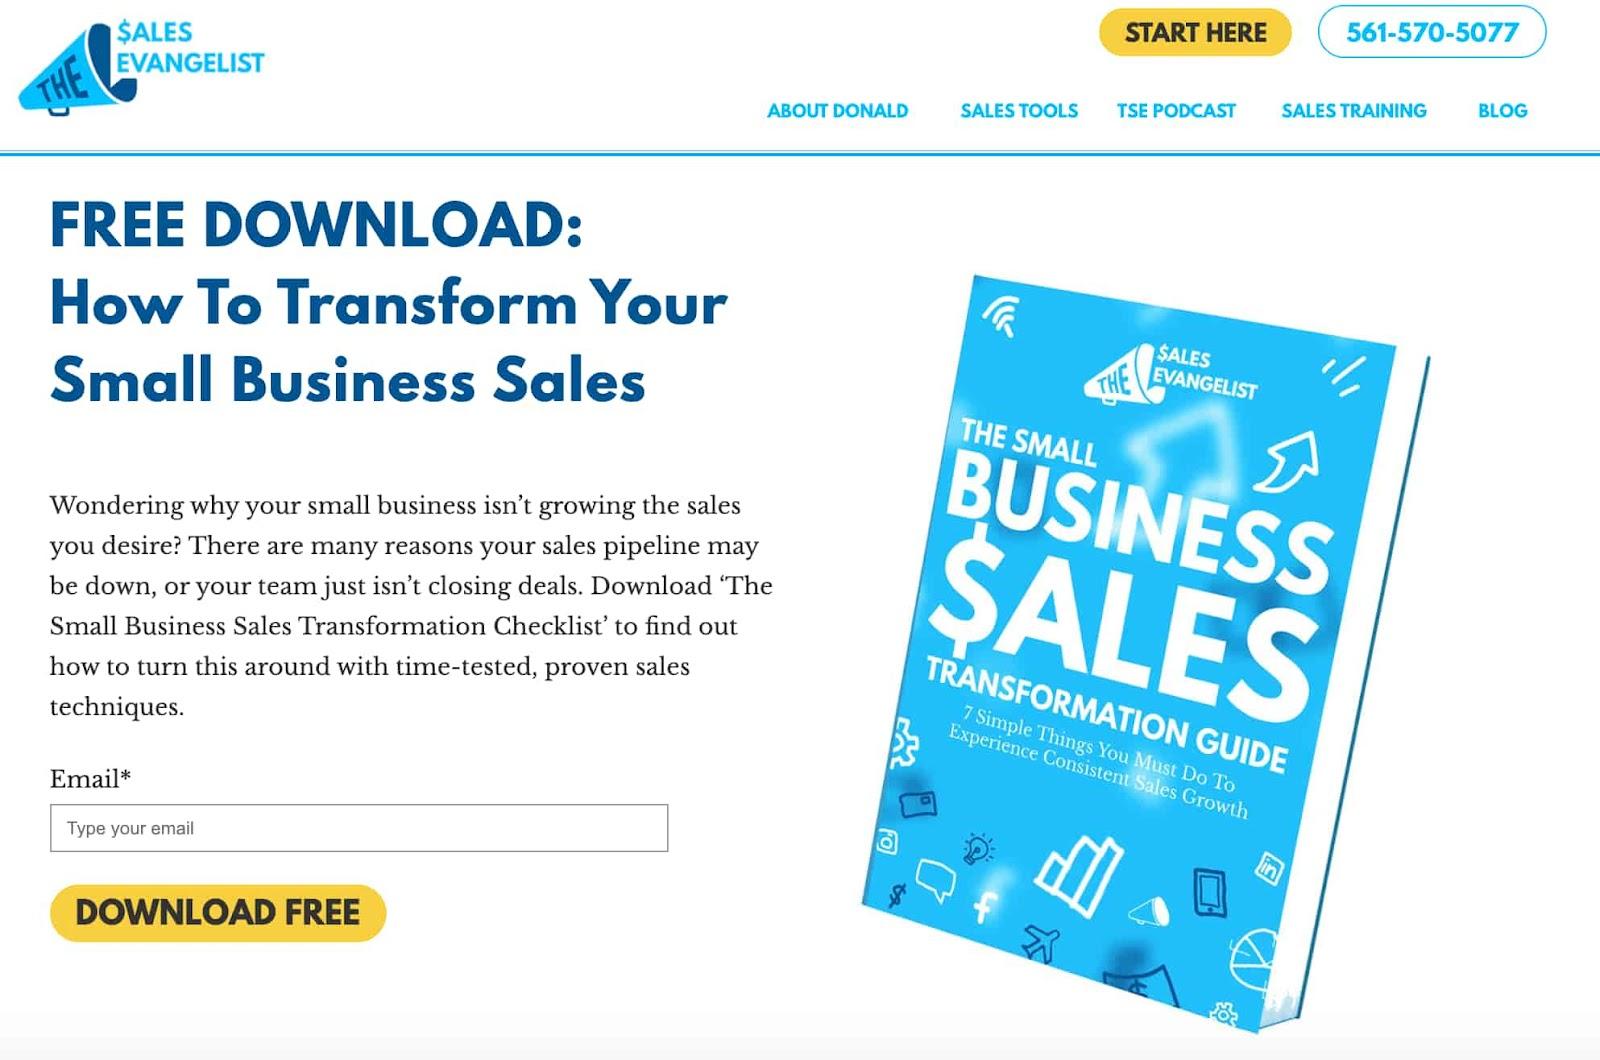 The Sales Evangelist ebook lead magnet